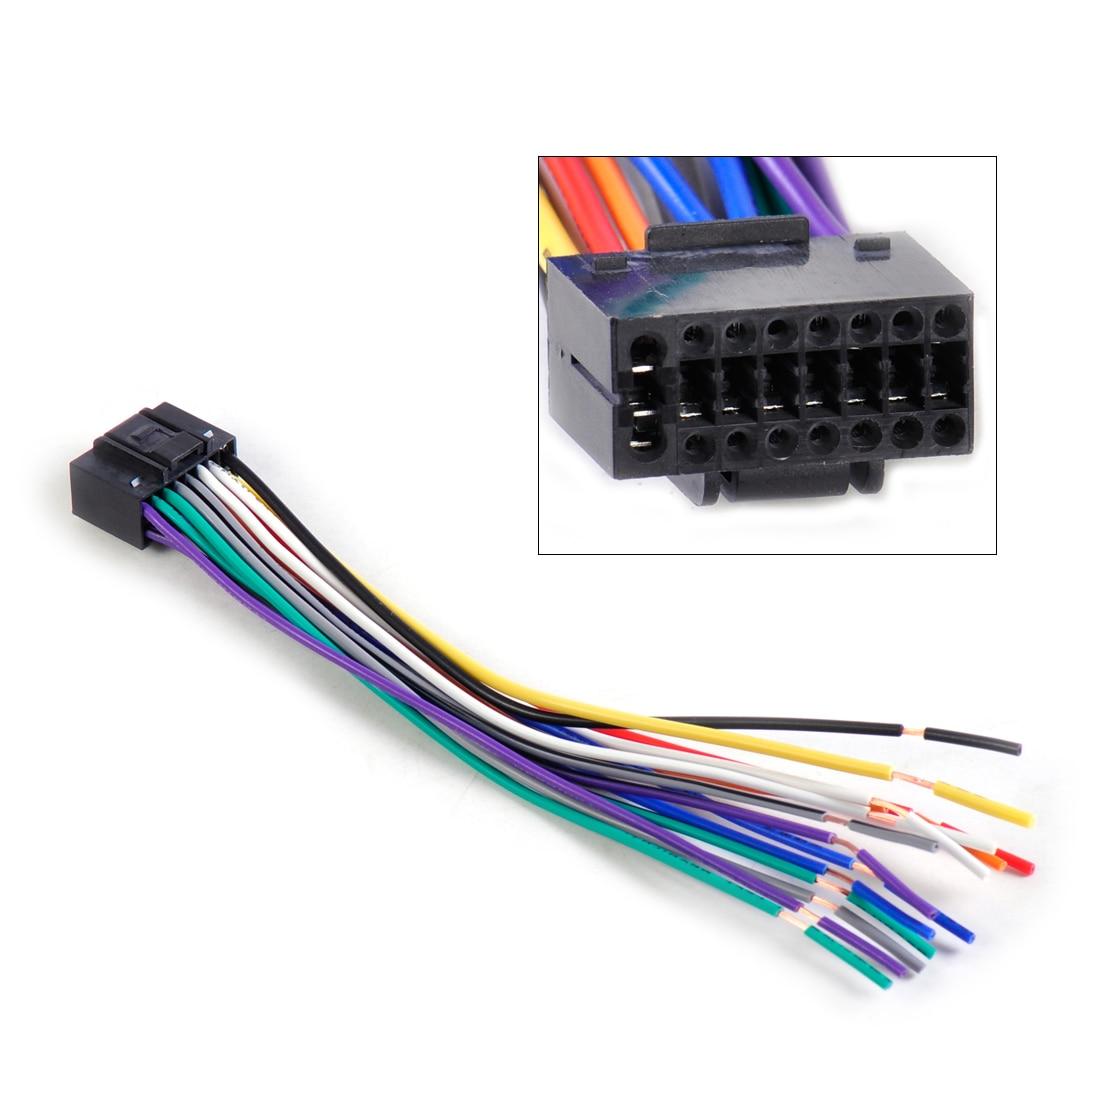 16 pin wiring diagram on kenwood car stereo wiring diagrams ddx470kenwood car stereo wiring harness diagram [ 1110 x 1110 Pixel ]